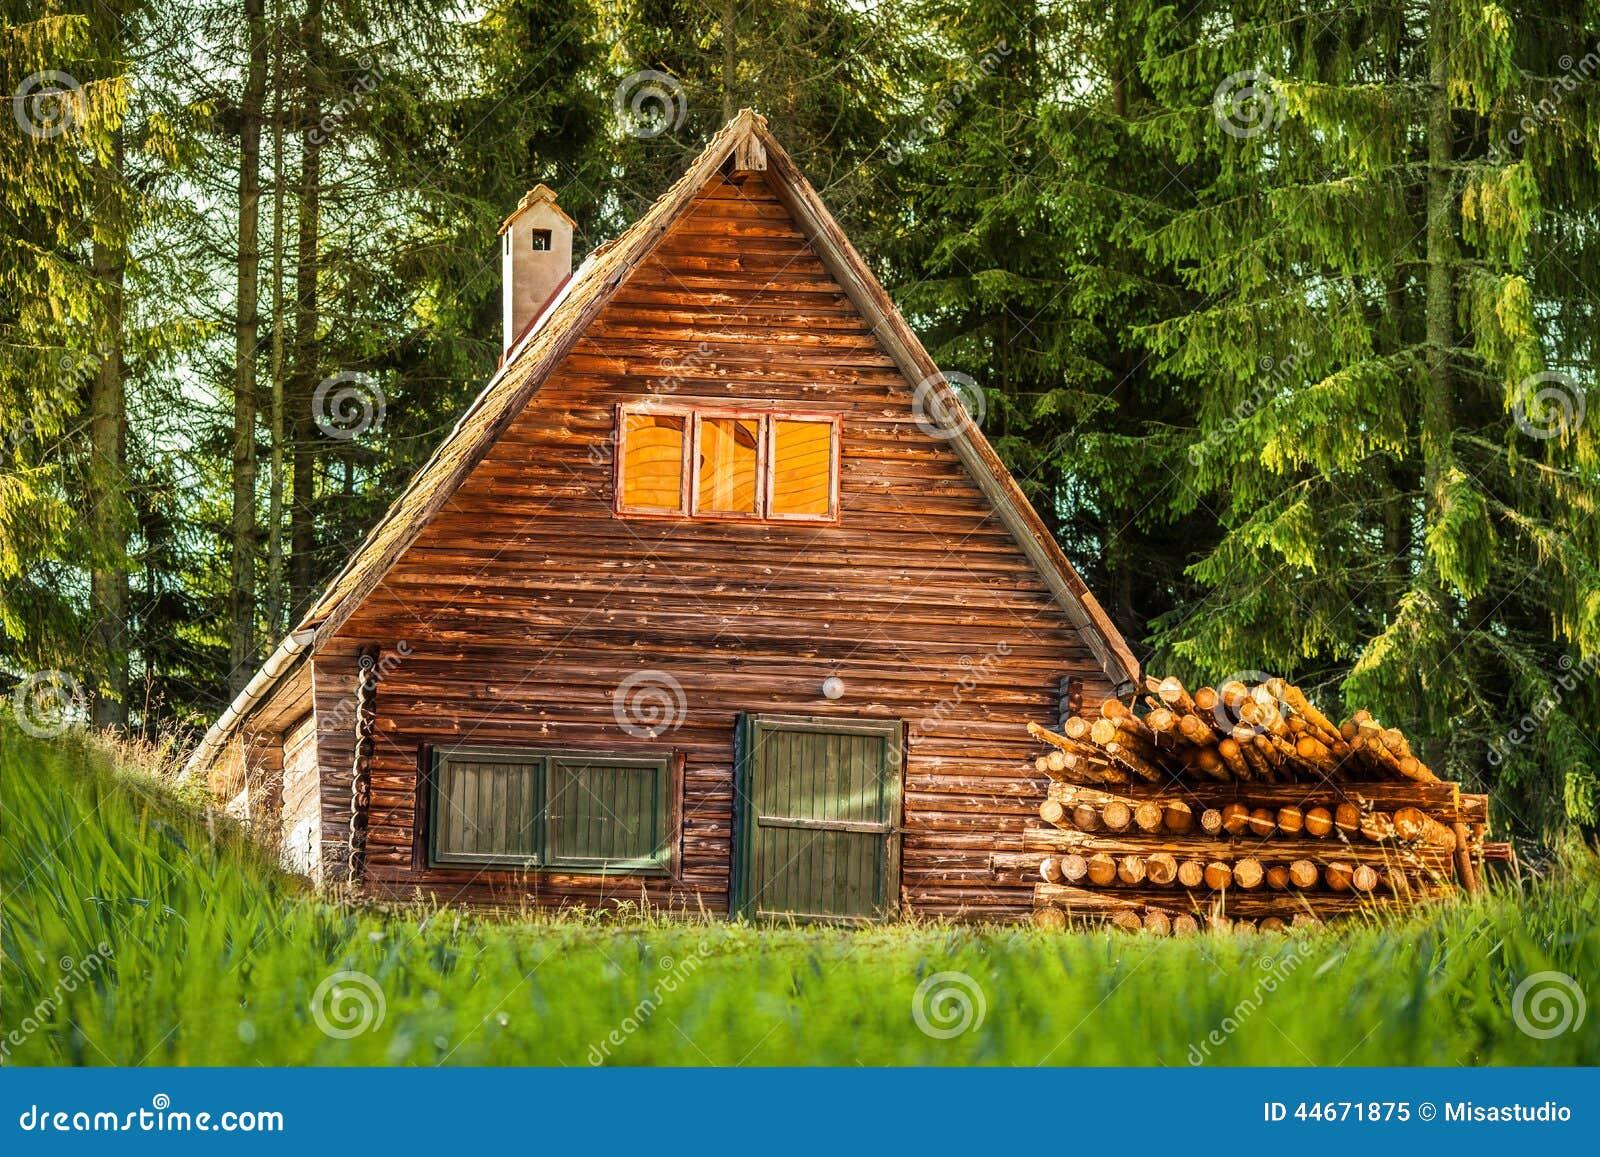 Houten huis in het bos stock illustratie afbeelding 44671875 - Meer mooie houten huizen ...